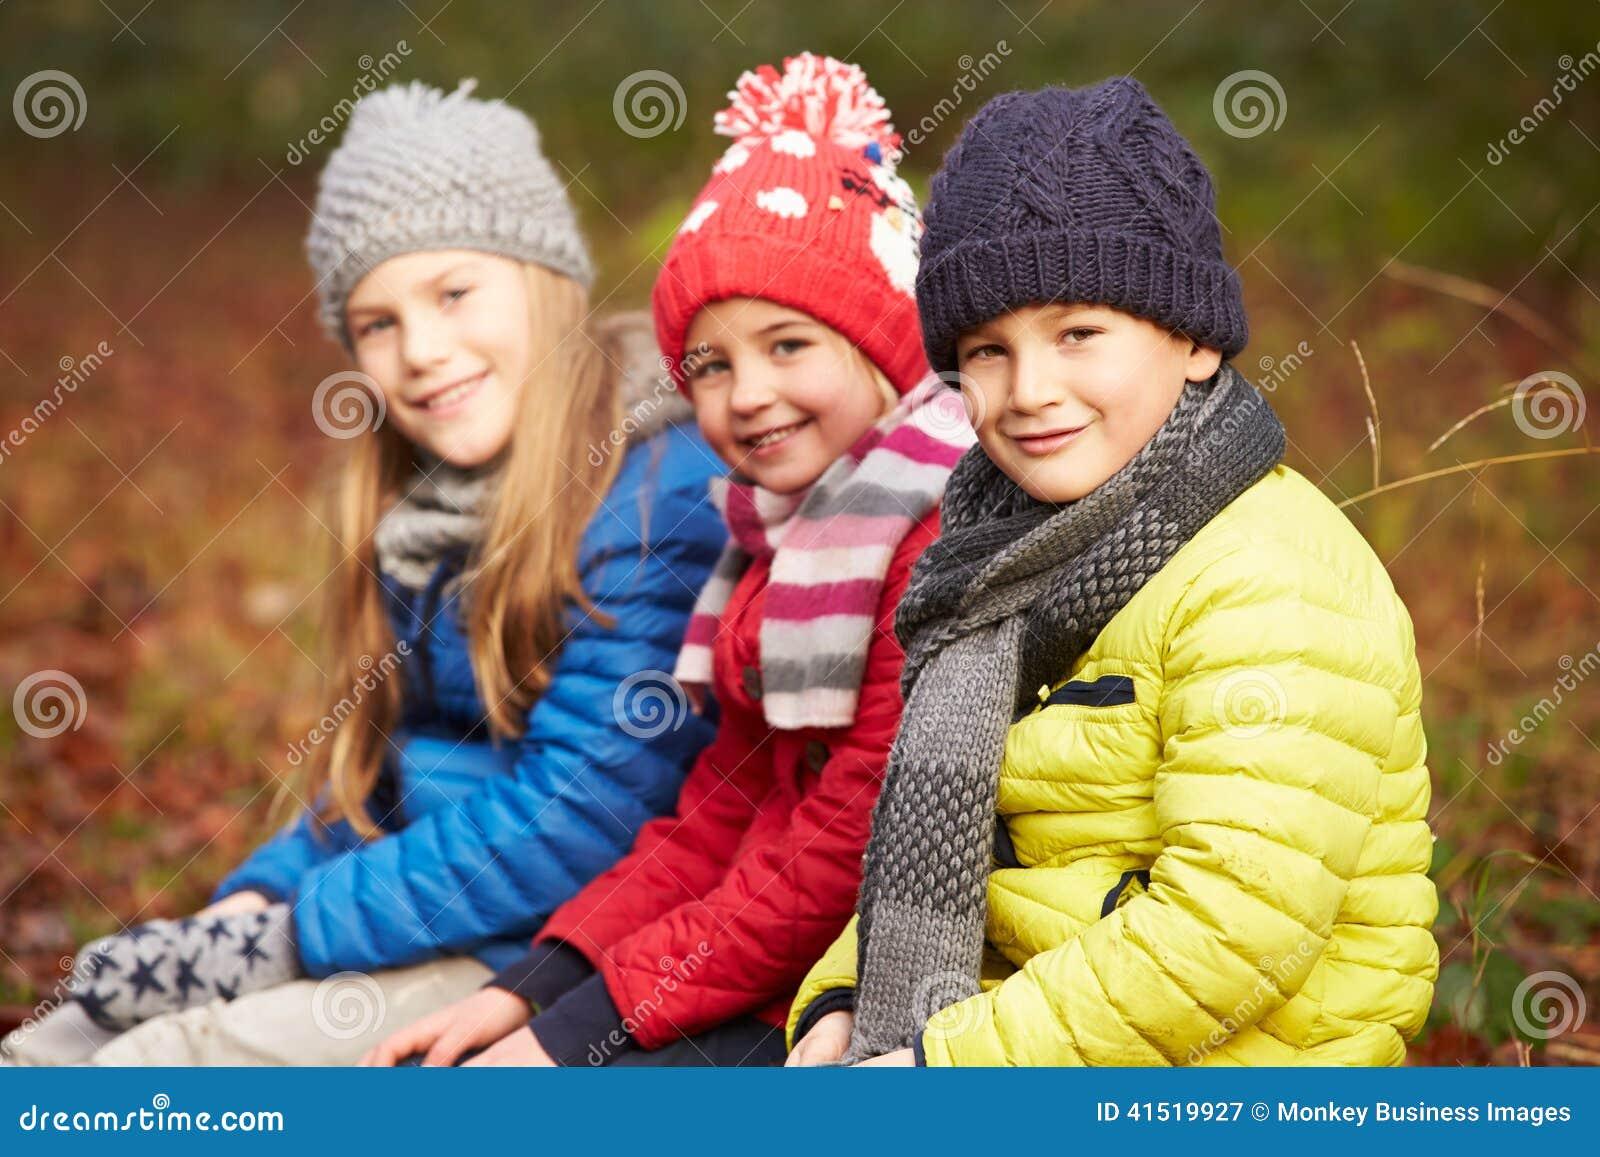 Three Children On Walk Through Winter Woodland